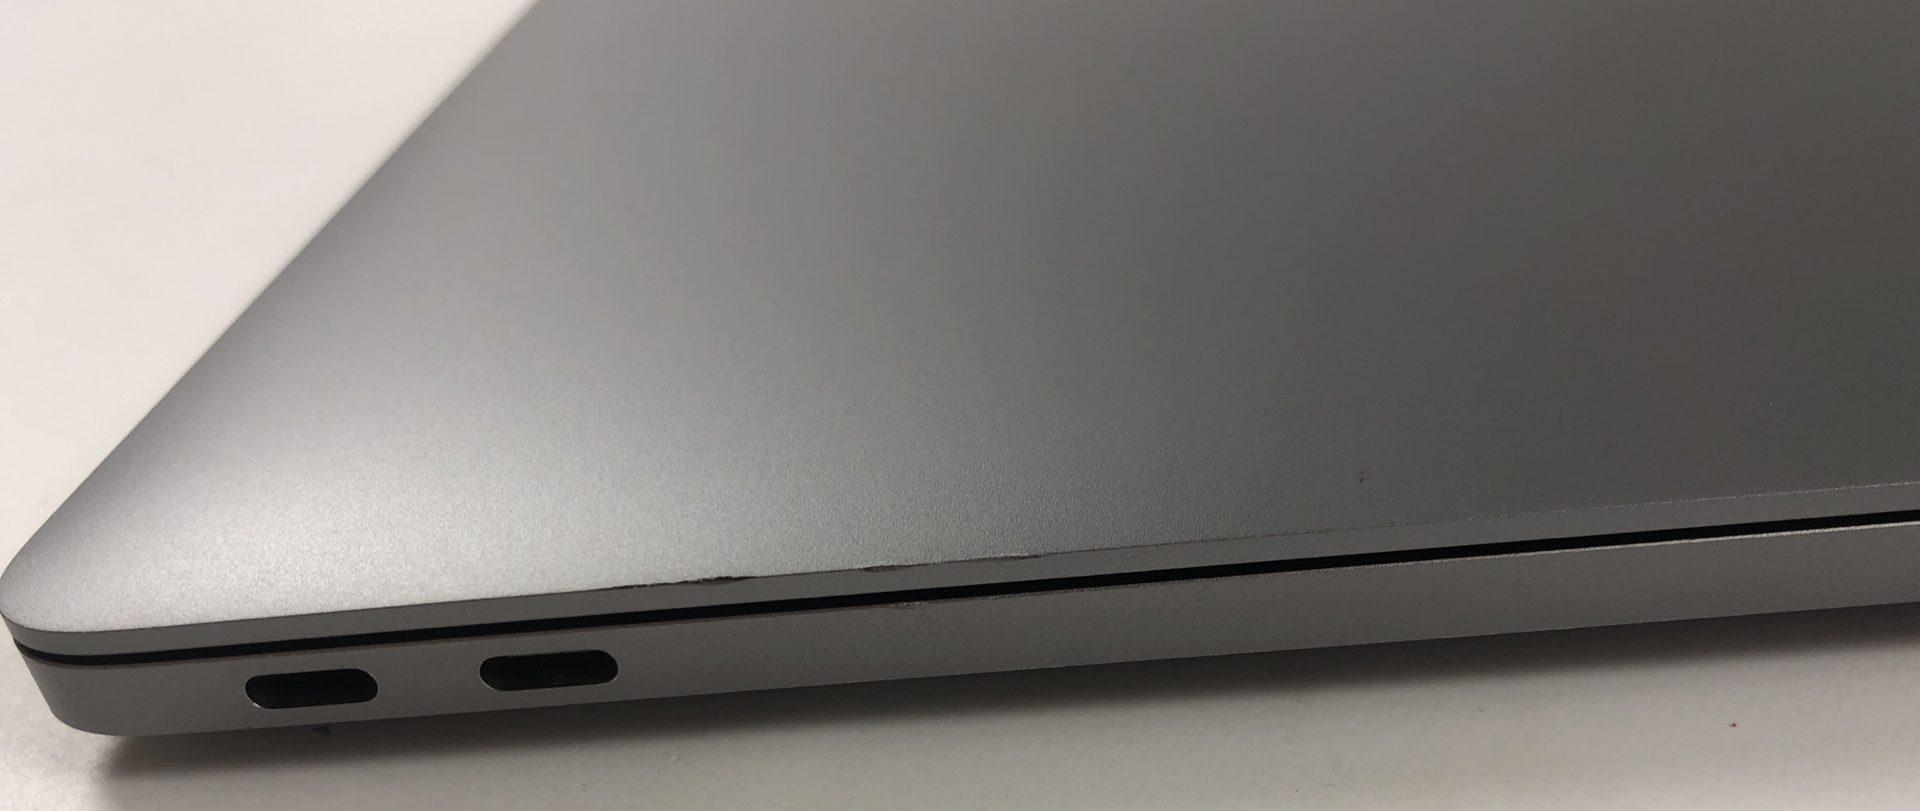 """MacBook Pro 13"""" 2TBT Mid 2017 (Intel Core i5 2.3 GHz 8 GB RAM 128 GB SSD), Space Gray, Intel Core i5 2.3 GHz, 8 GB RAM, 128 GB SSD, bild 3"""